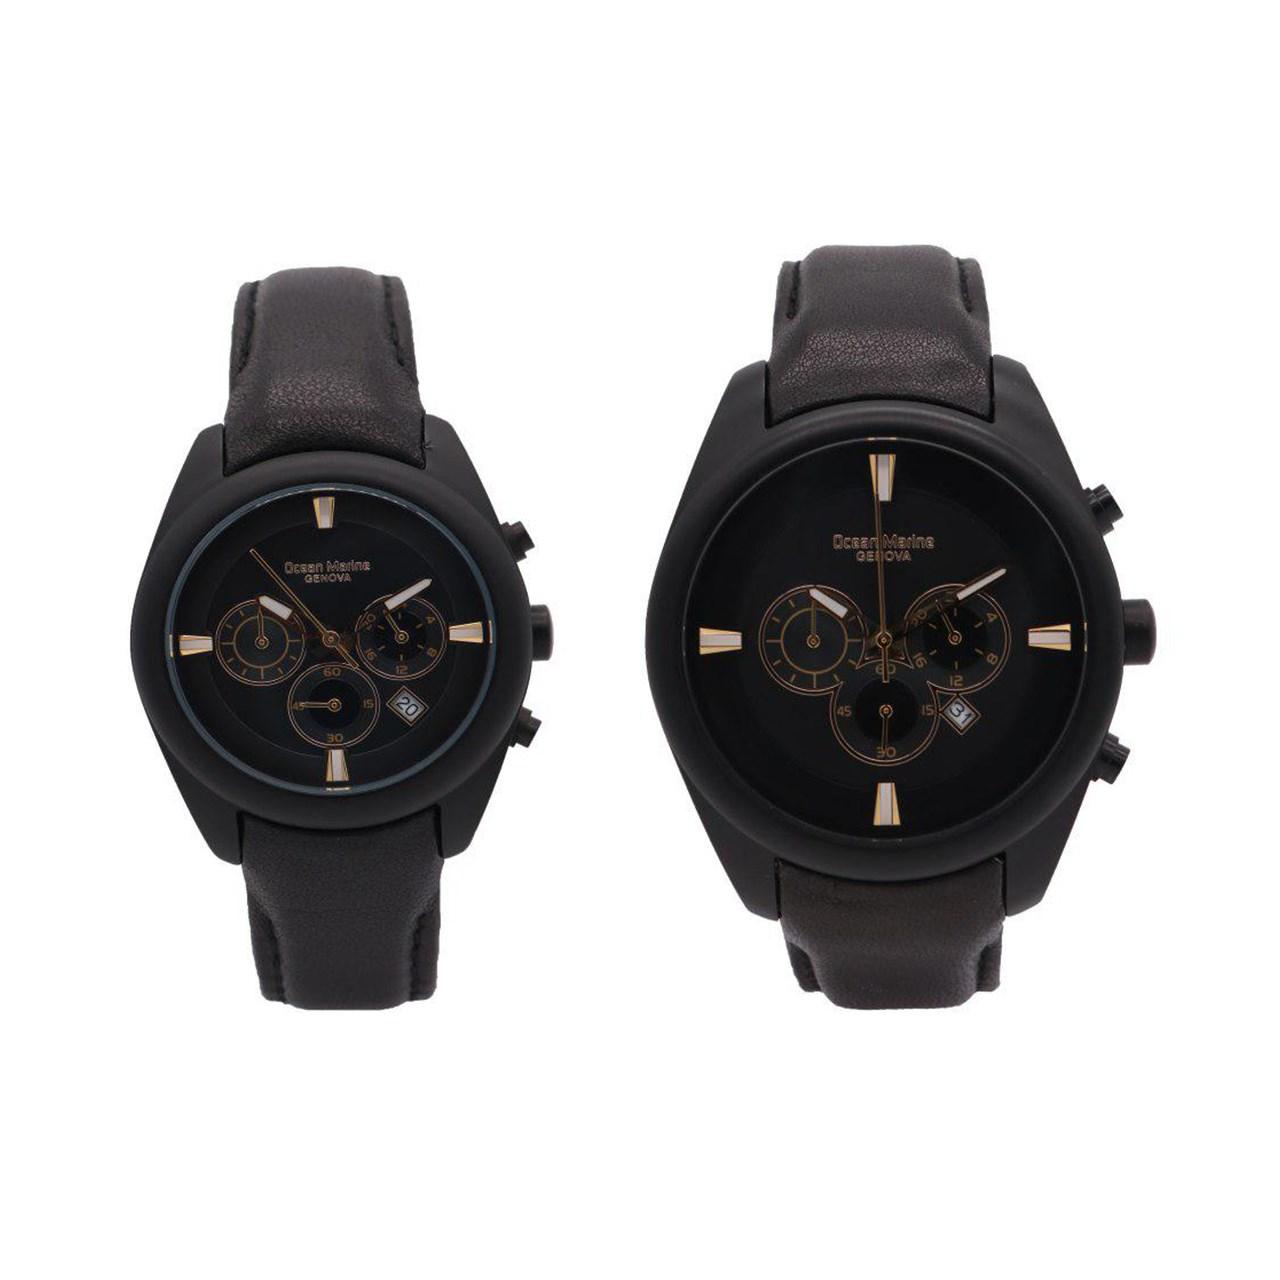 ساعت ست مردانه و زنانه اوشن مارین مدل OM-8106L-1 و OM-8106G-1 15